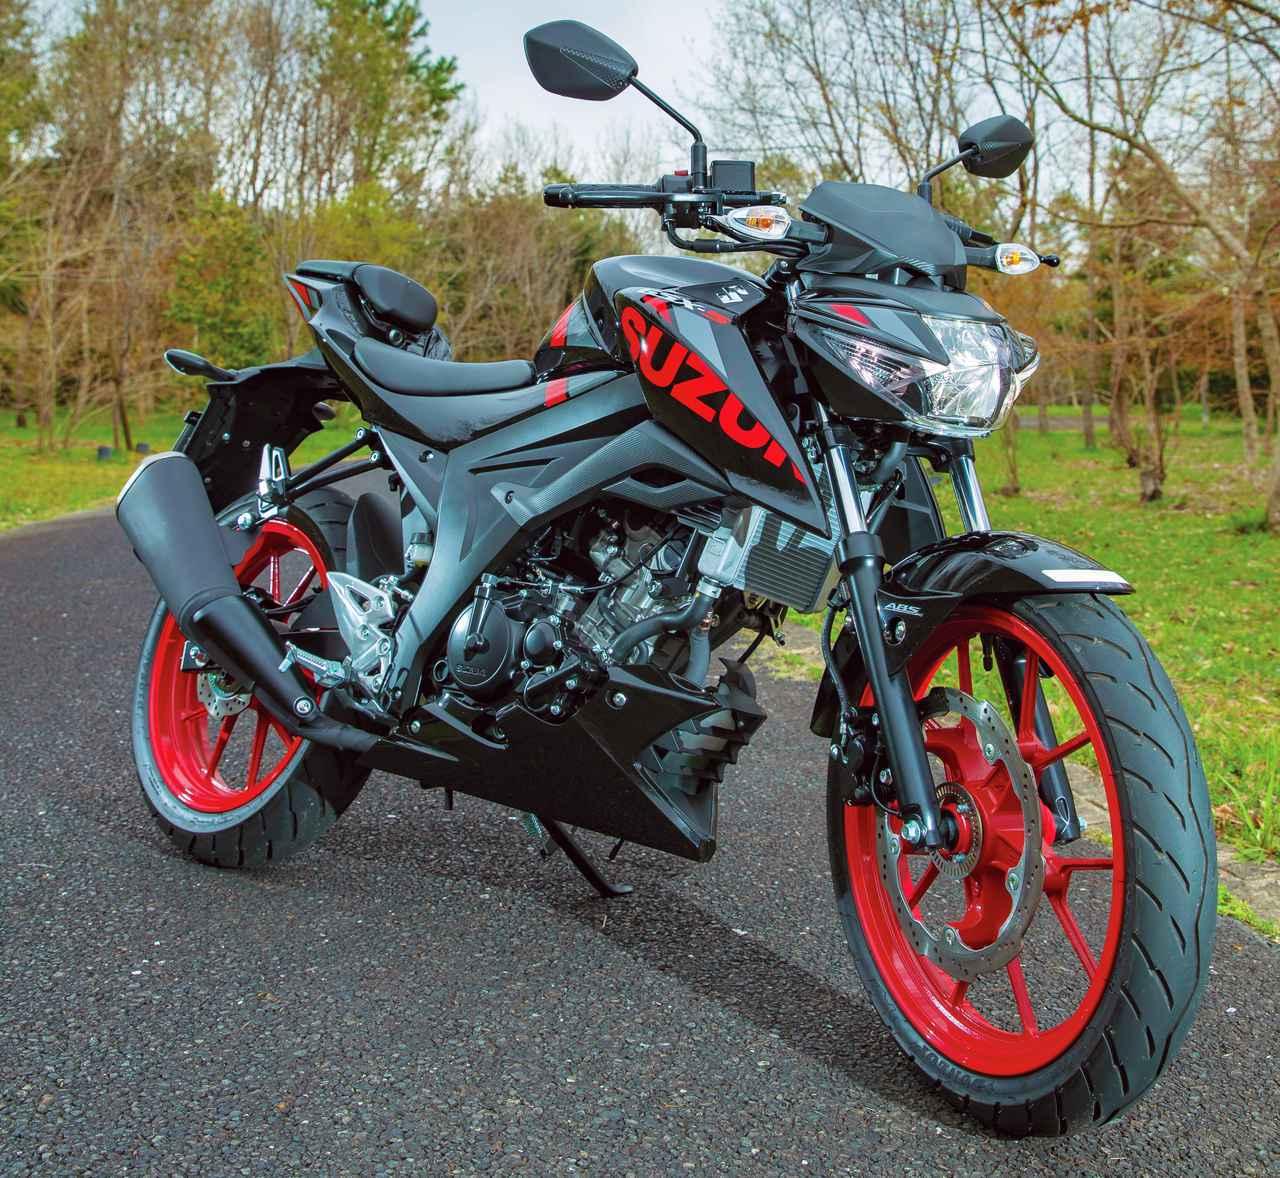 画像: スズキ「GSX-S125 ABS」(2020年)解説&インプレッション|コーナリングが楽しい! スポーツツーリングを楽しめる原付二種ネイキッド - webオートバイ